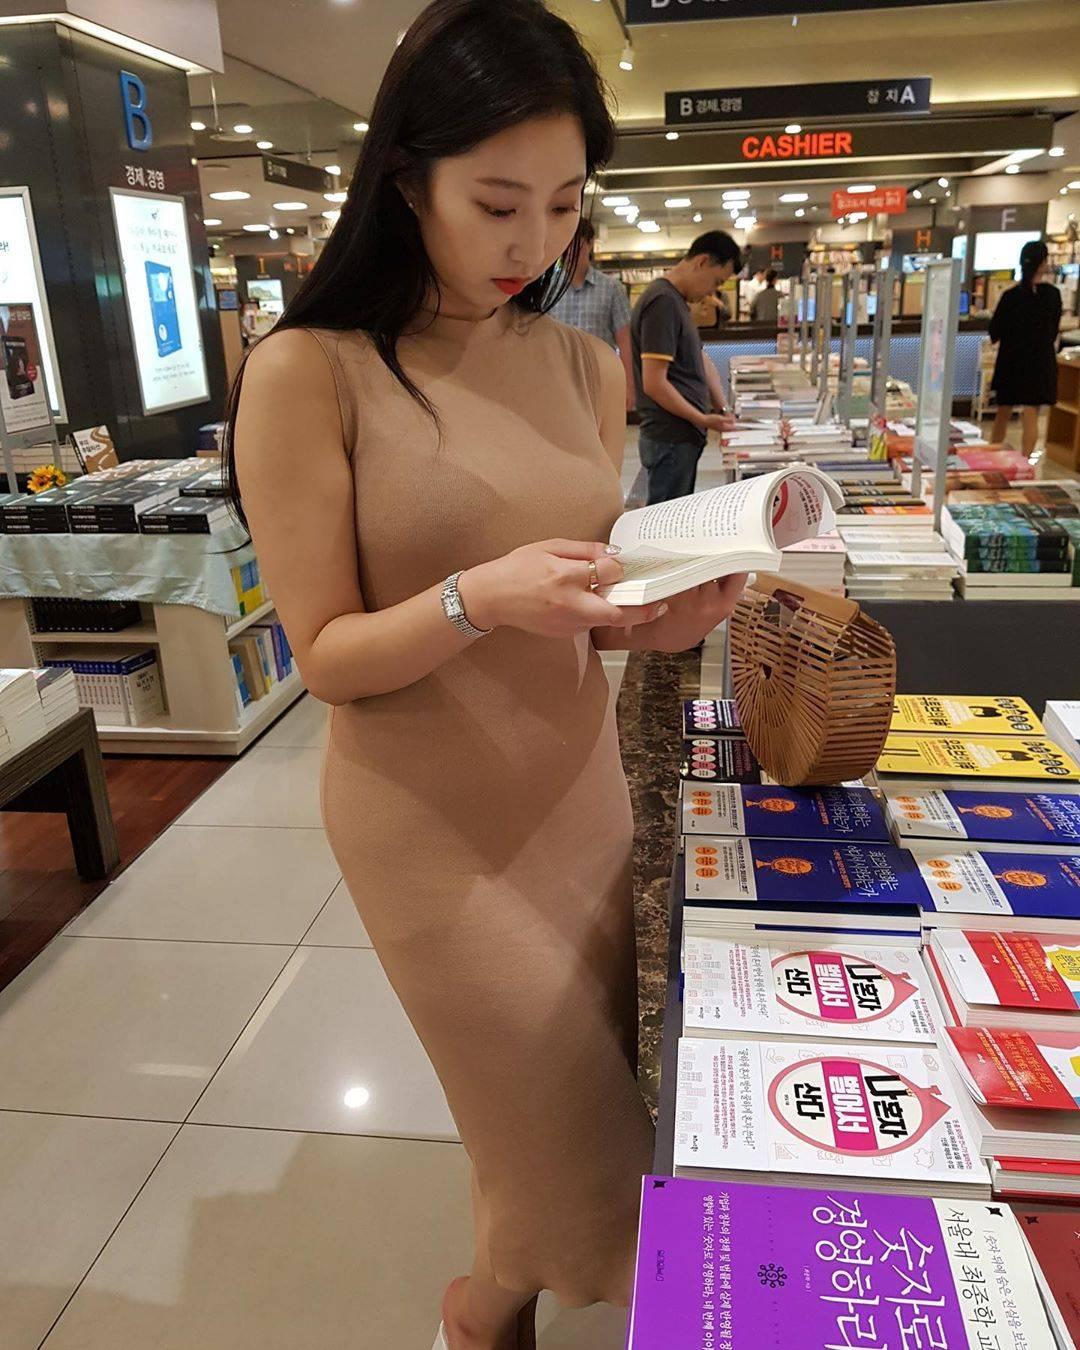 喜欢读书的大姐姐 你们喜欢吗 第4张